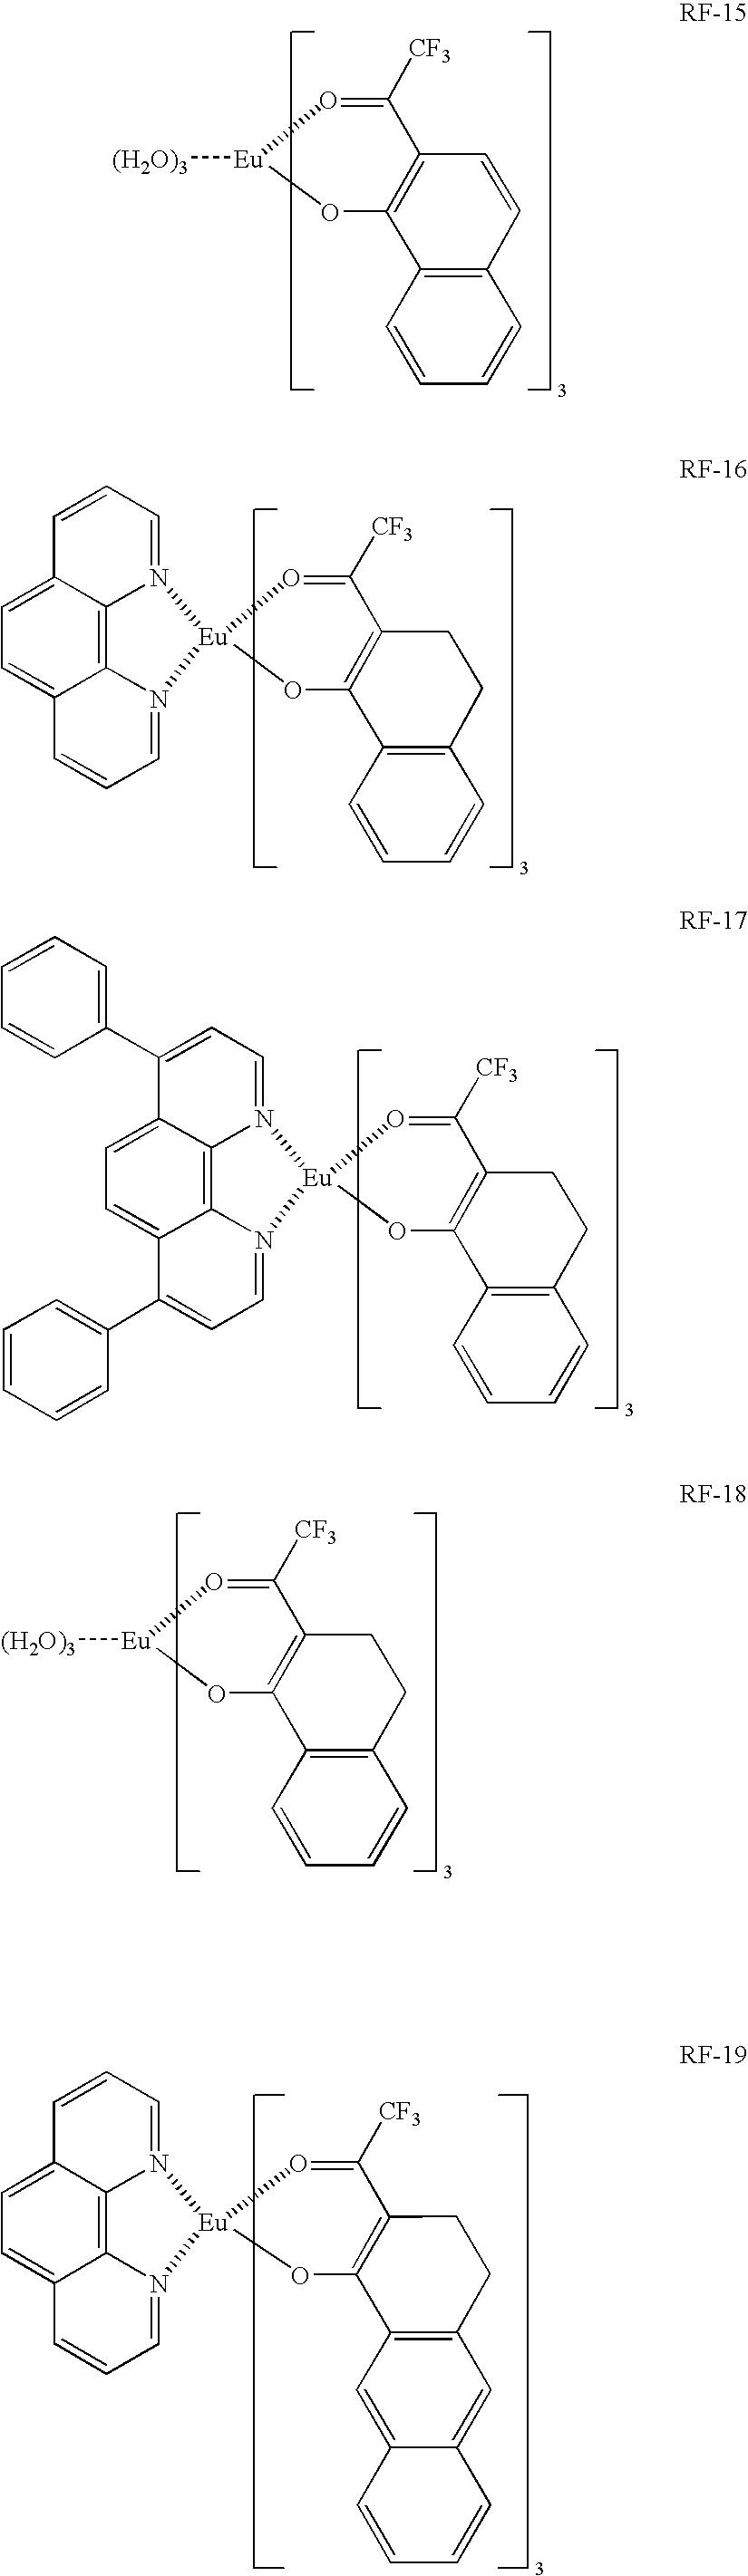 Figure US20040062951A1-20040401-C00054